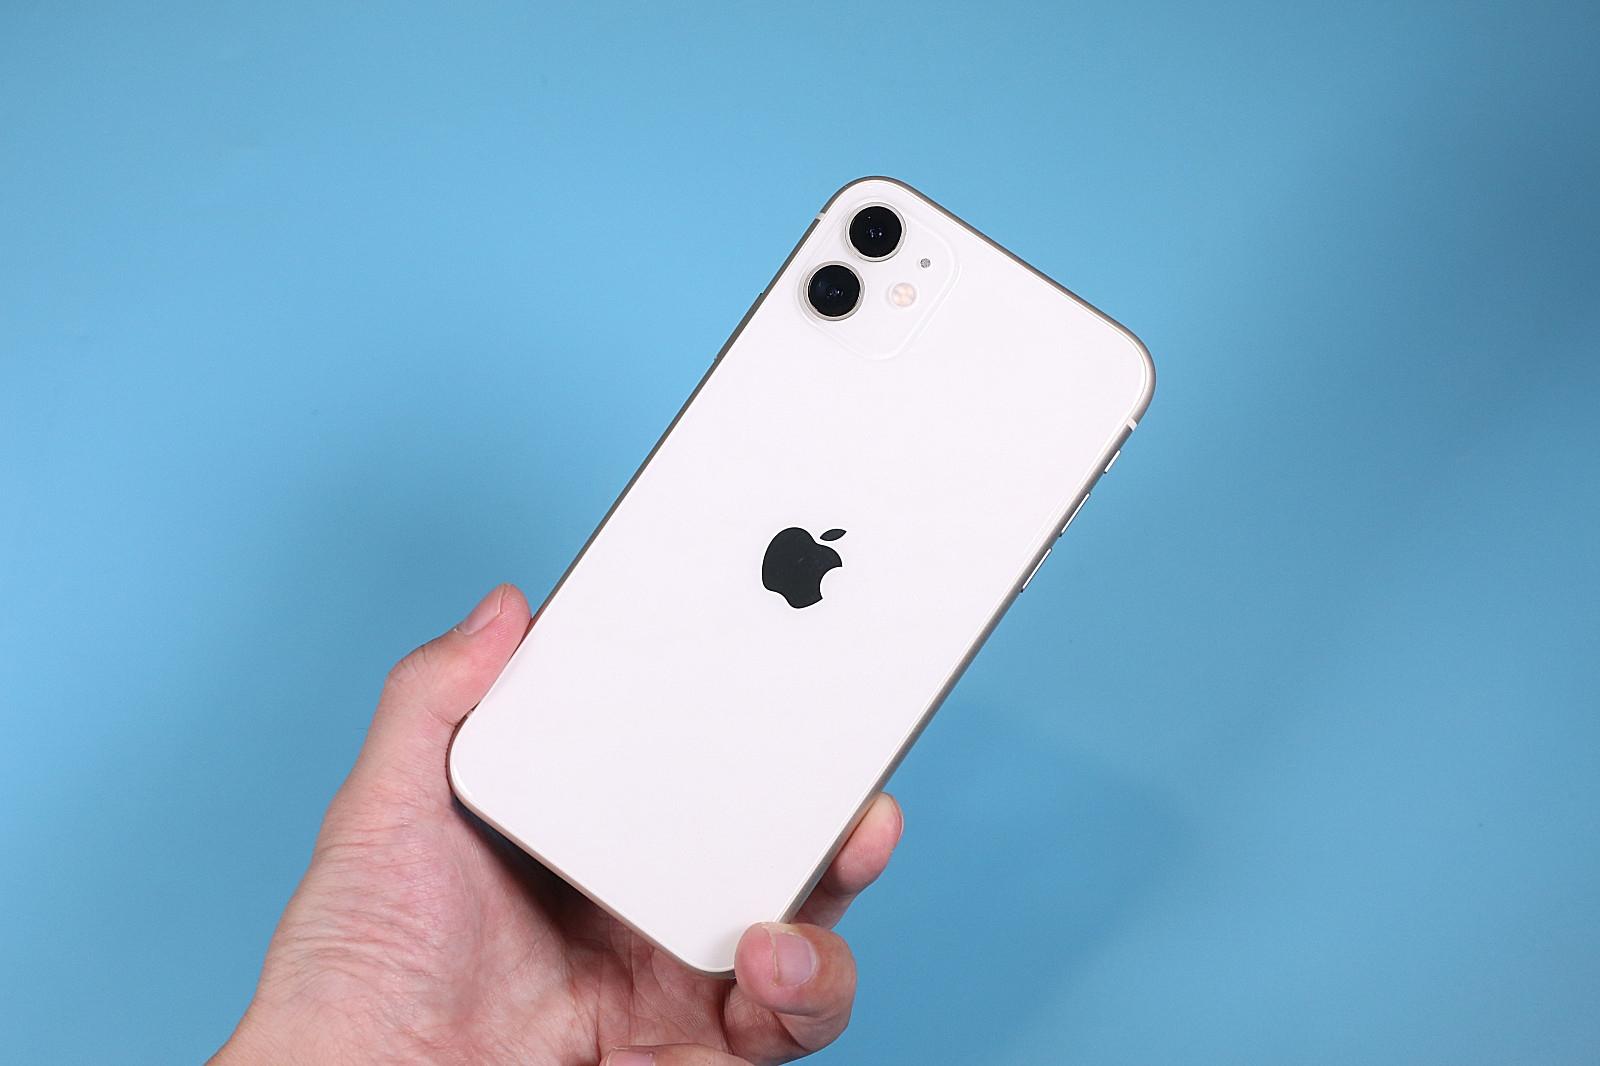 iPhone 12发布日期、售价曝光:分两批开卖 想买高配得